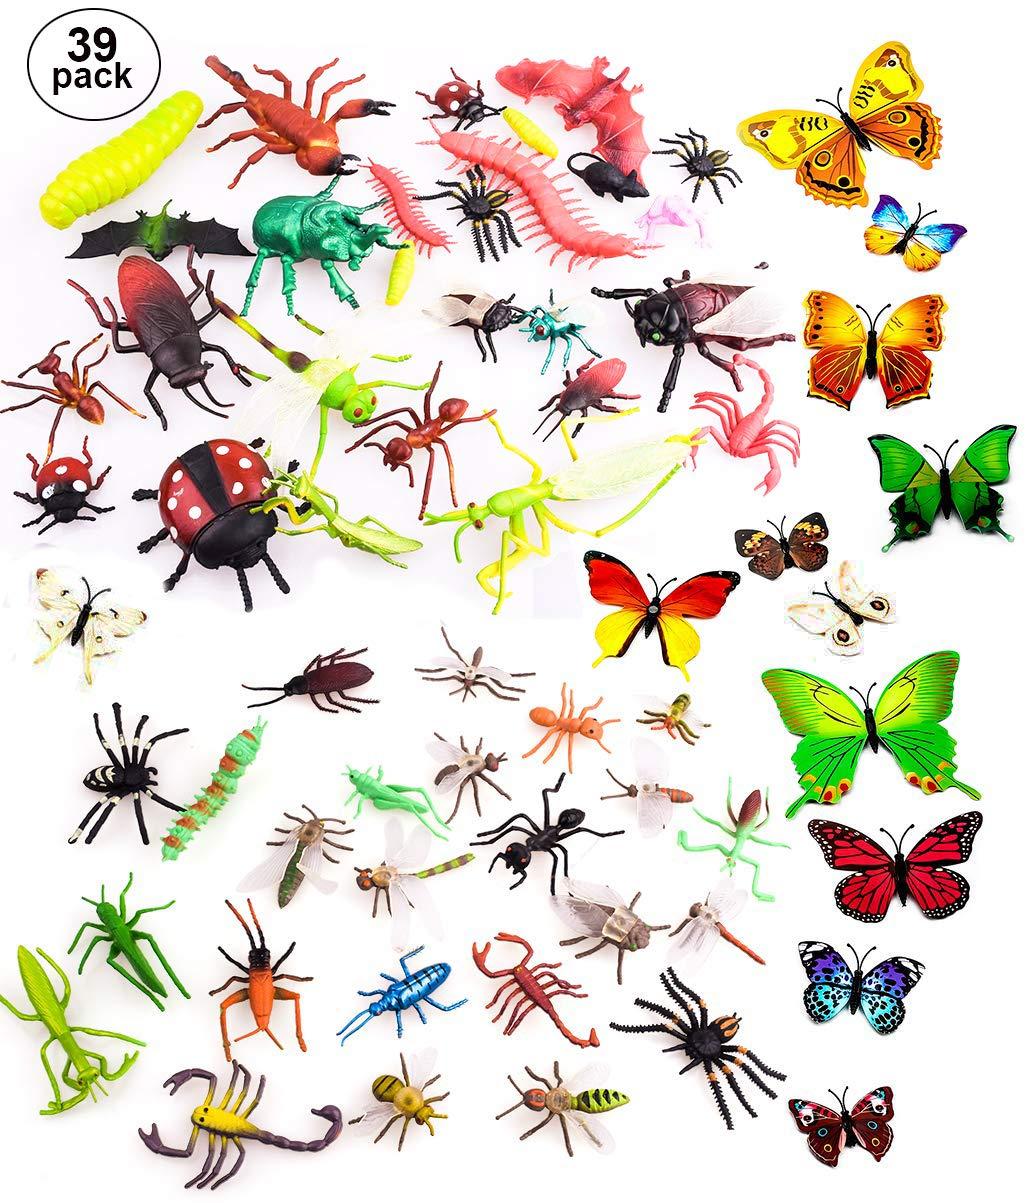 OOTSR 39pcs Insectos e Insectos de plástico para niños, Figuras de Insectos Juguetes con Pegatina de Pared Colorida Mariposa para educación/Juguetes de Halloween/Fiestas temáticas/Regalos cumpleaños: Amazon.es: Juguetes y juegos